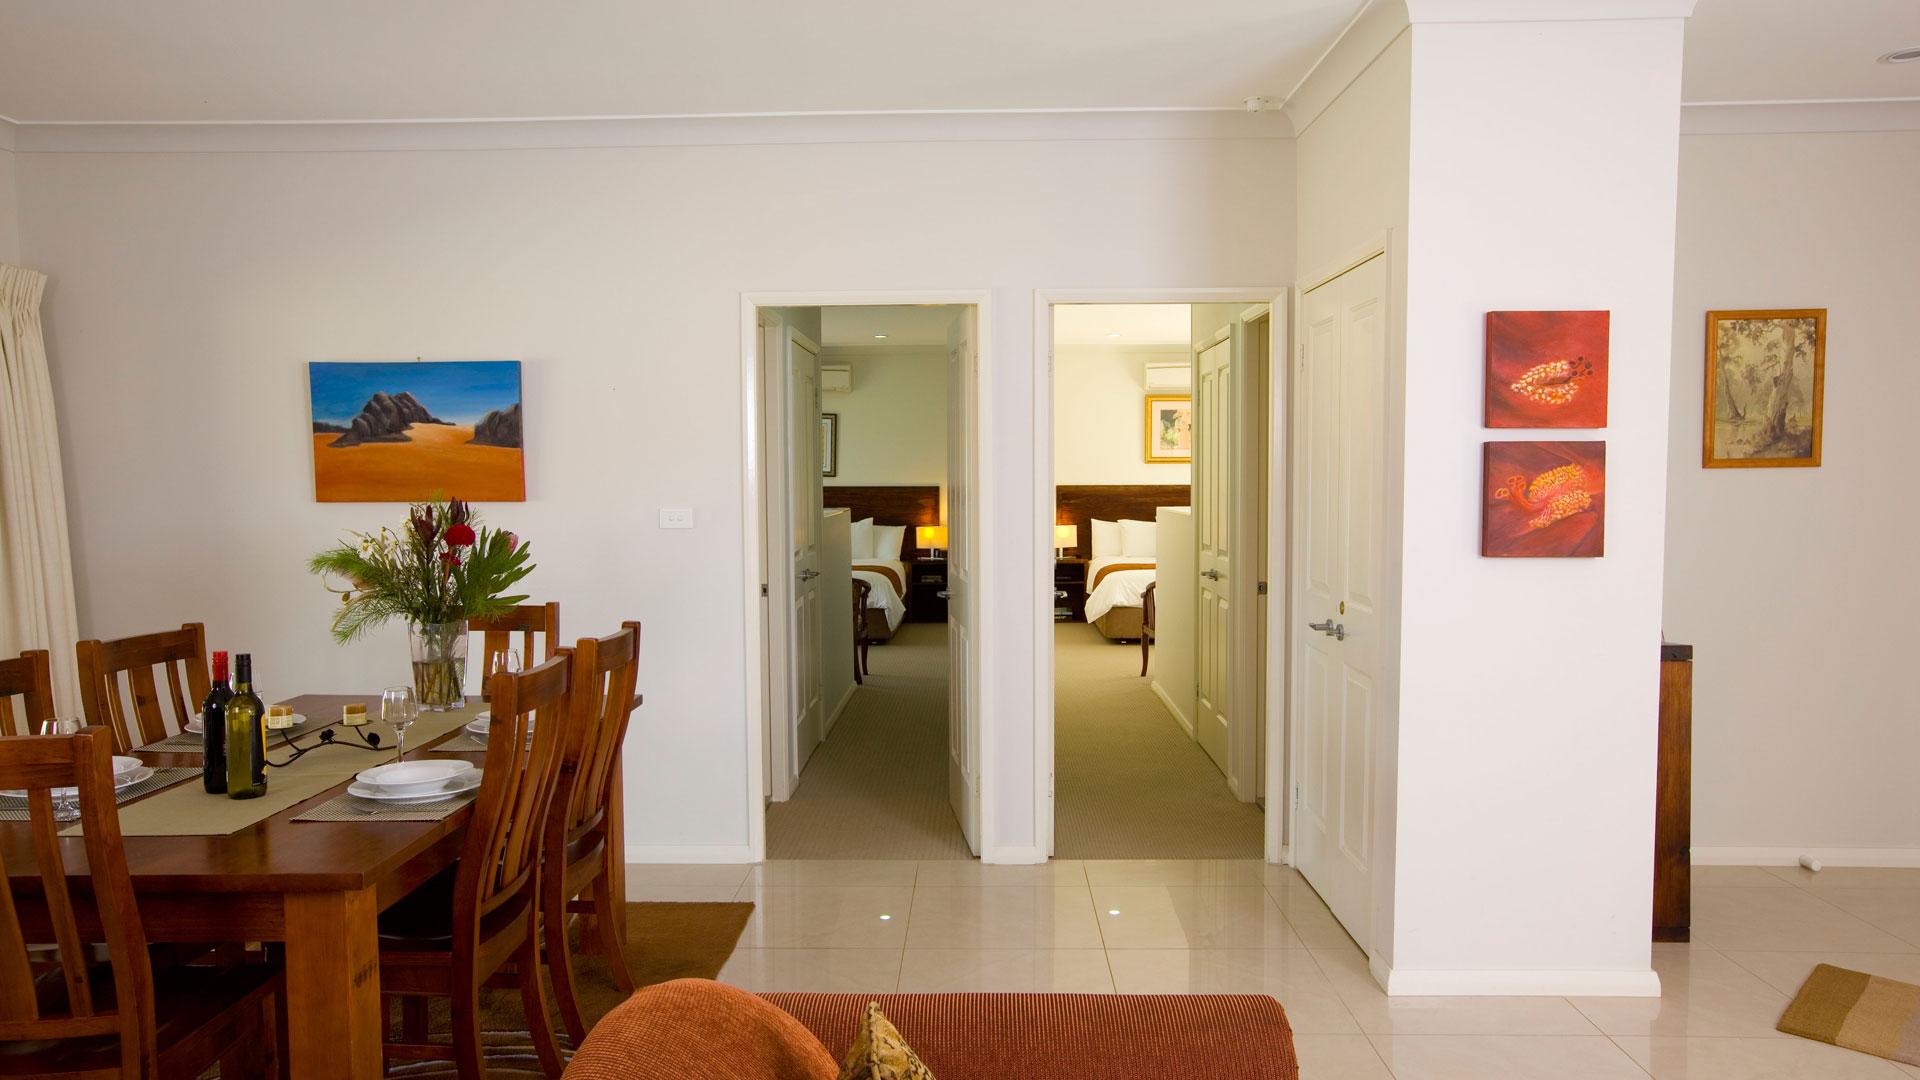 Interior_layout_view.jpg